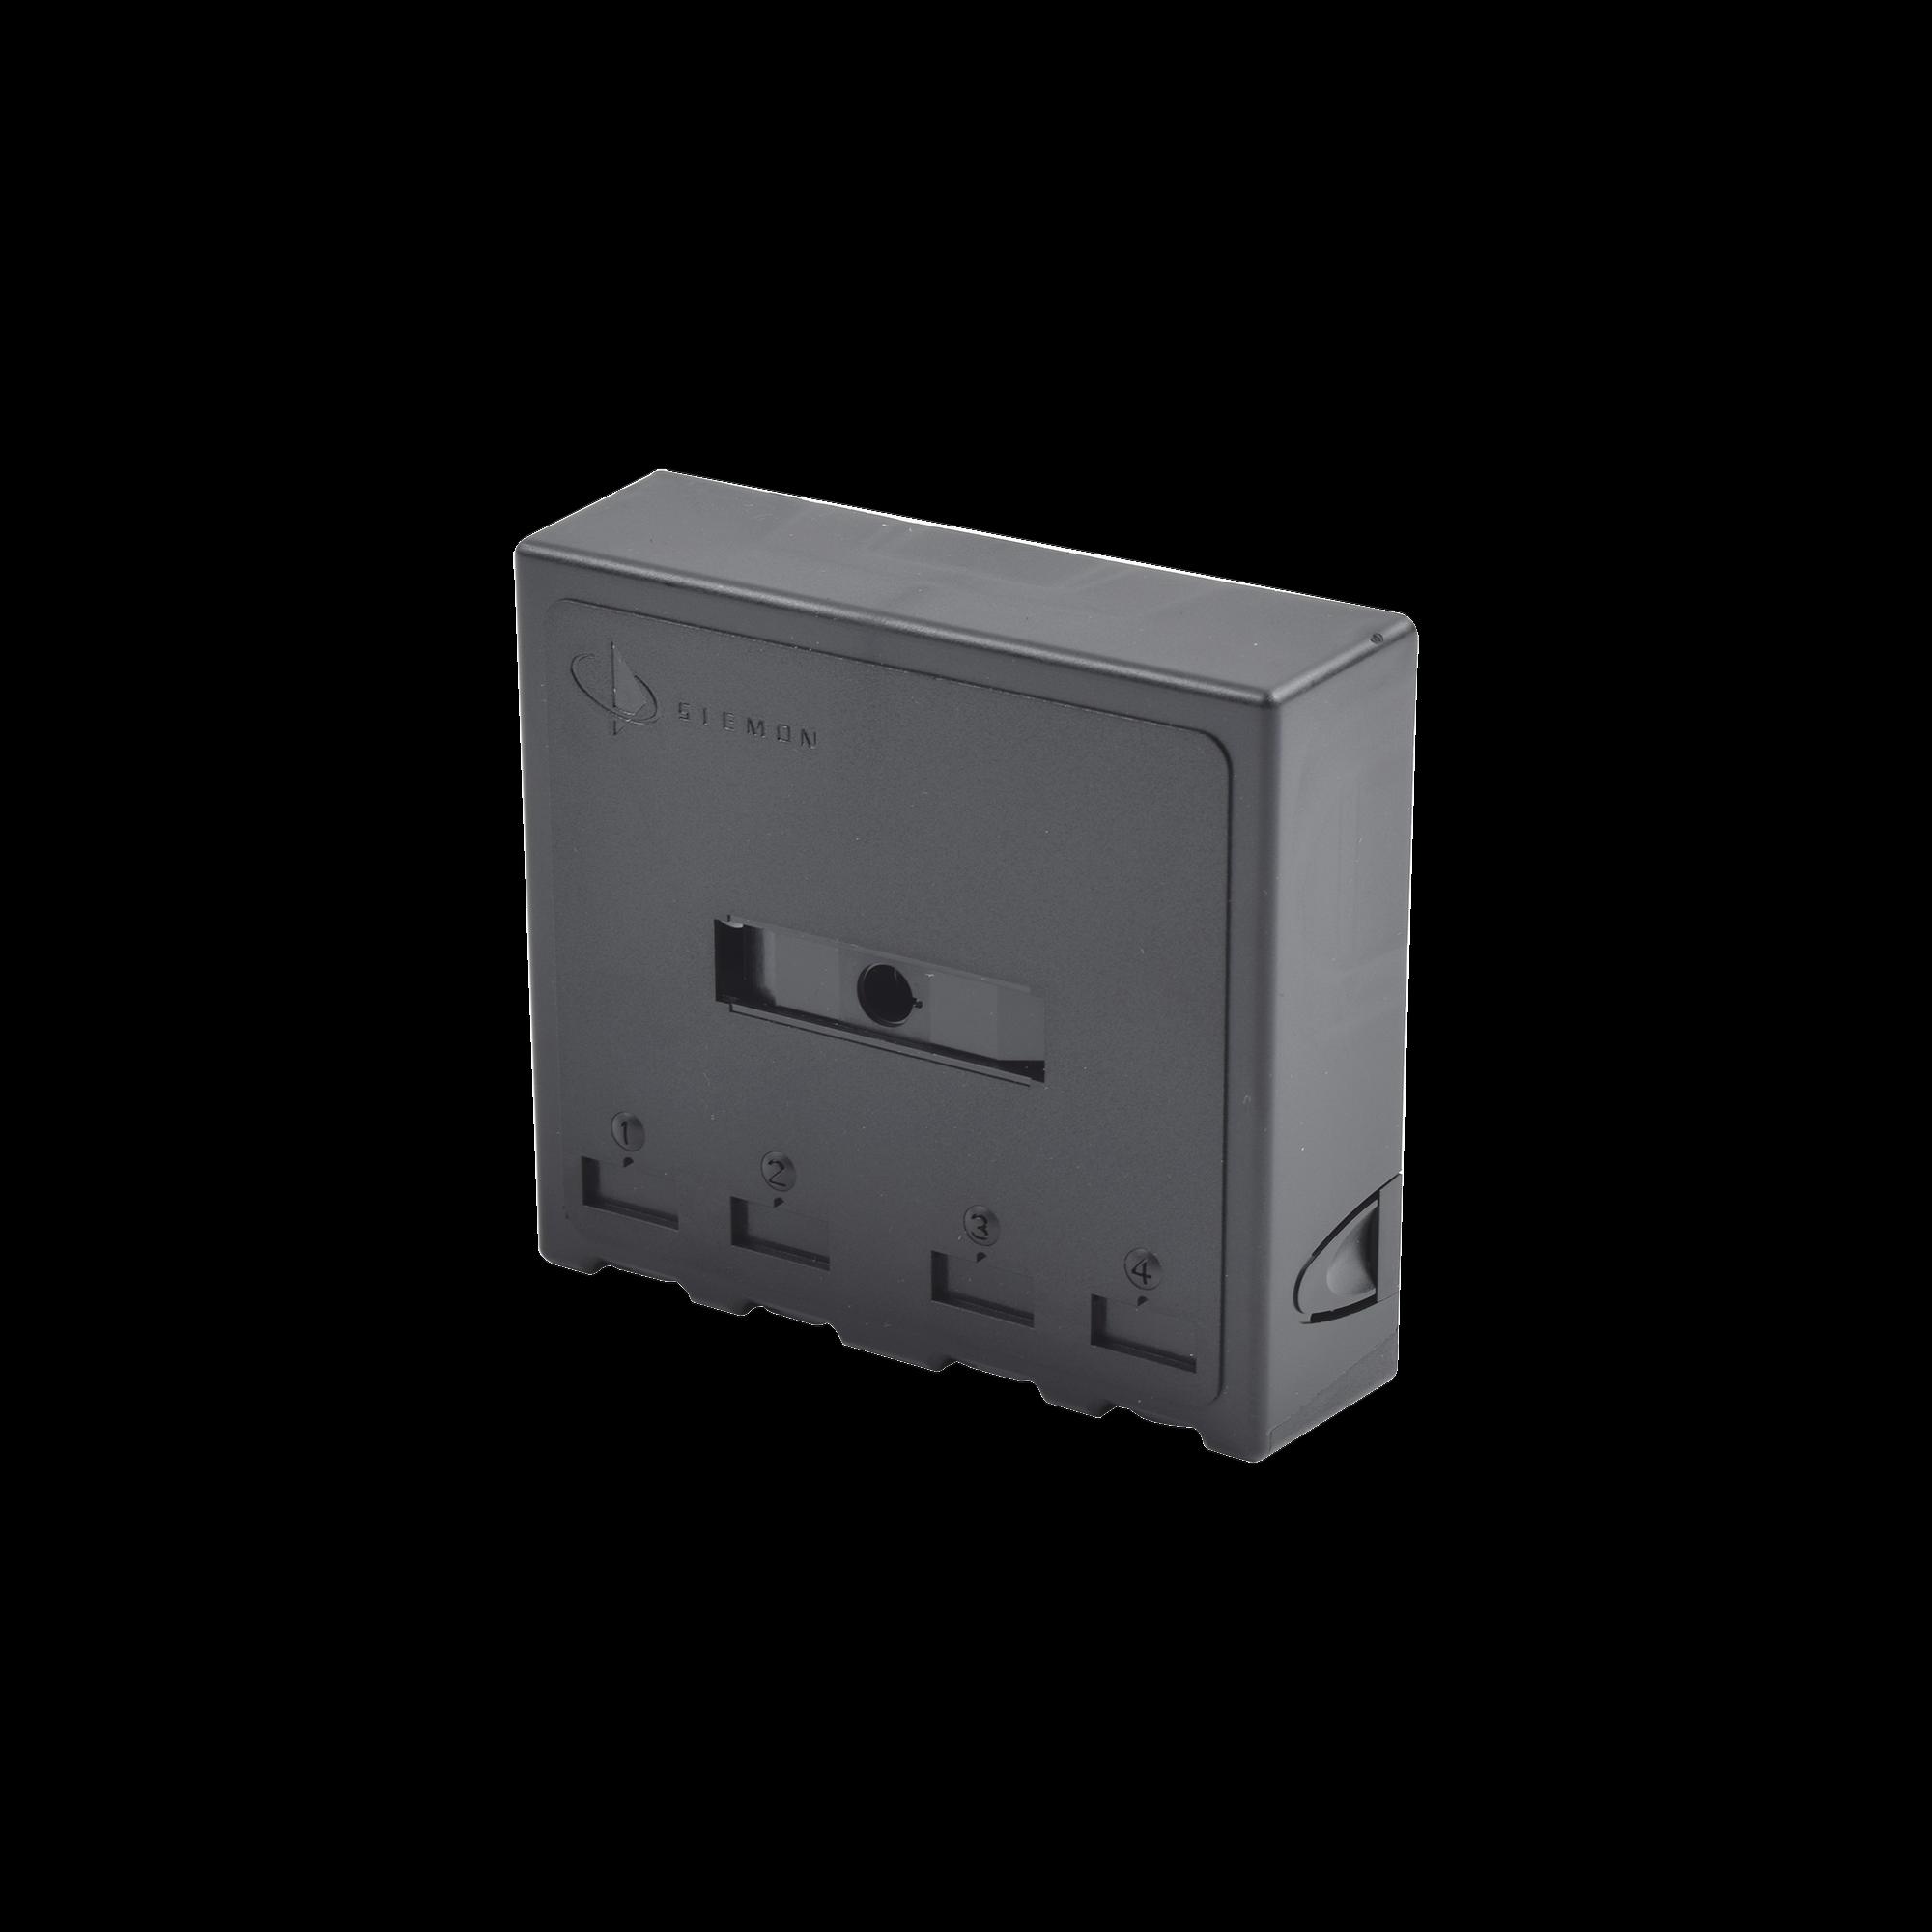 Caja de Montaje Superficial, Acepta 4 Módulos MAX, Con Puerta Protectora, Color Negro